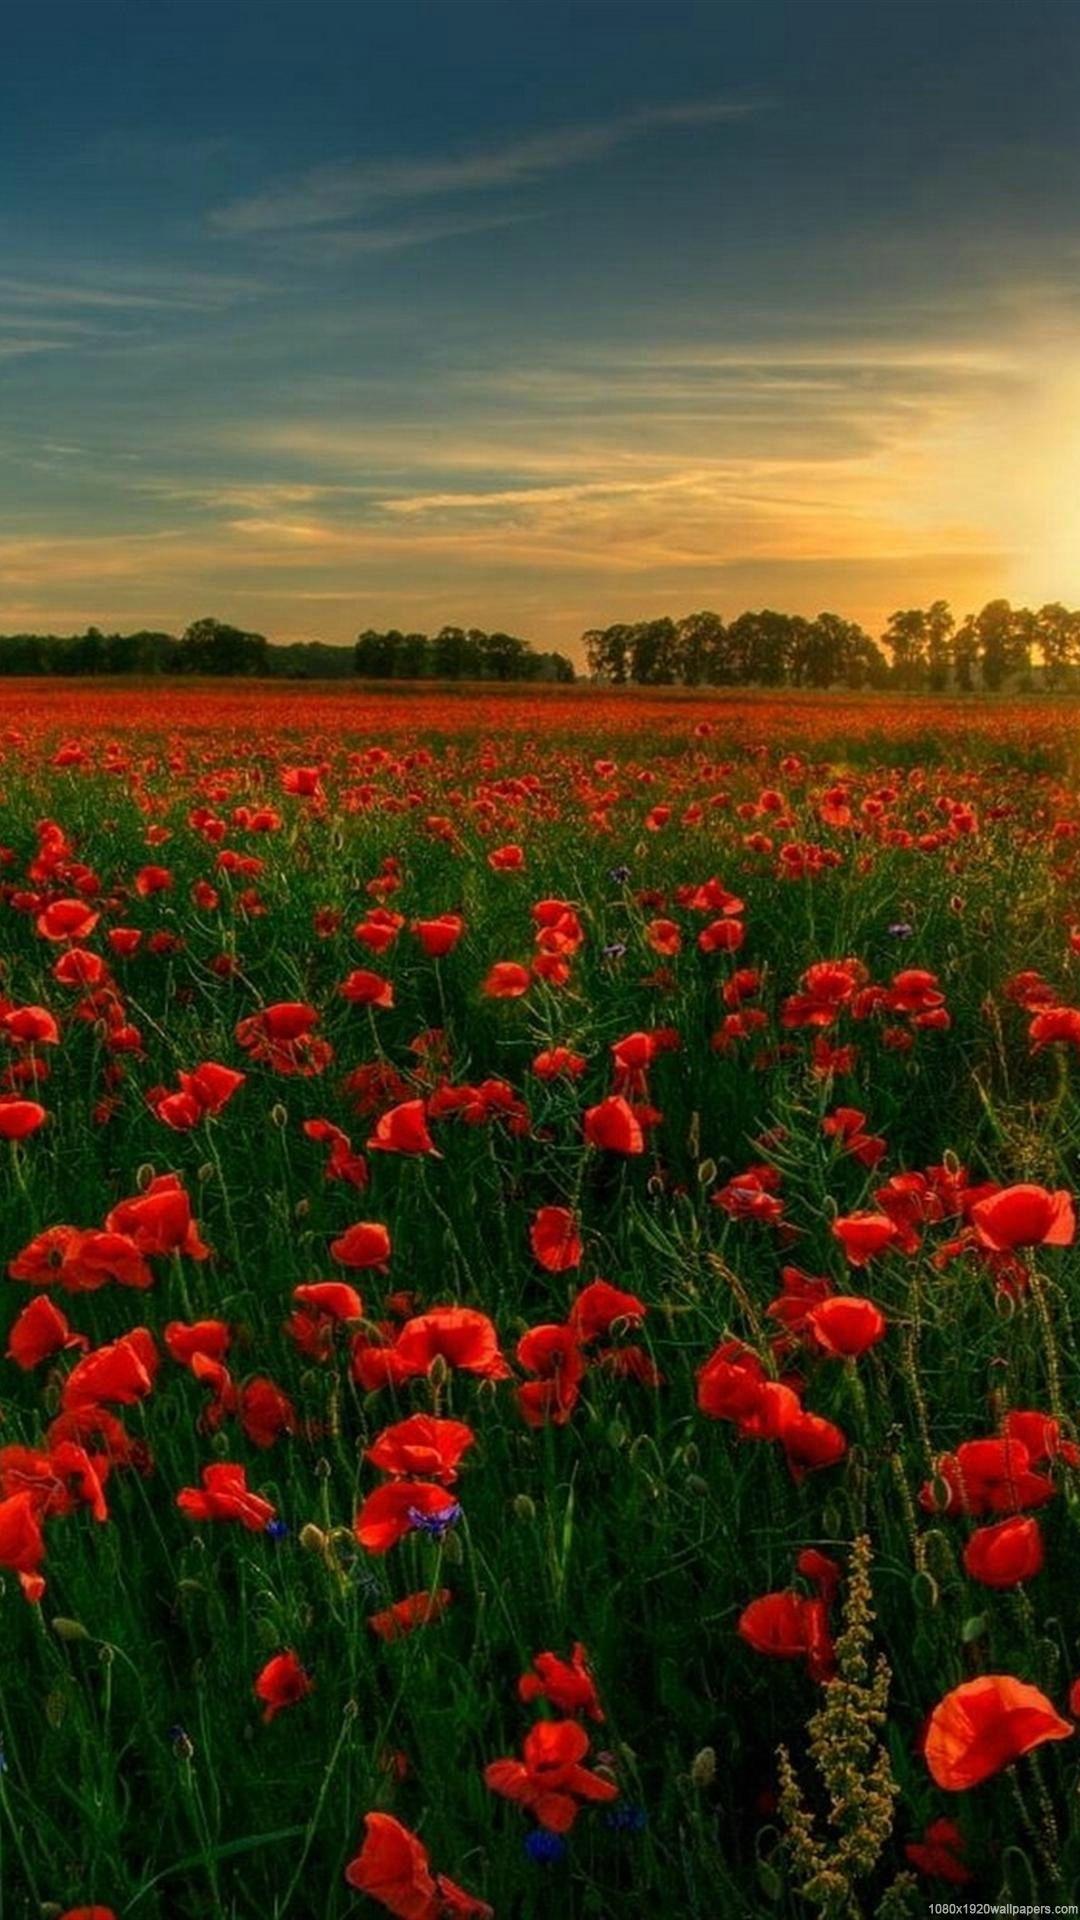 1080x1920 flowers tree sunset field sky wallpapers HD